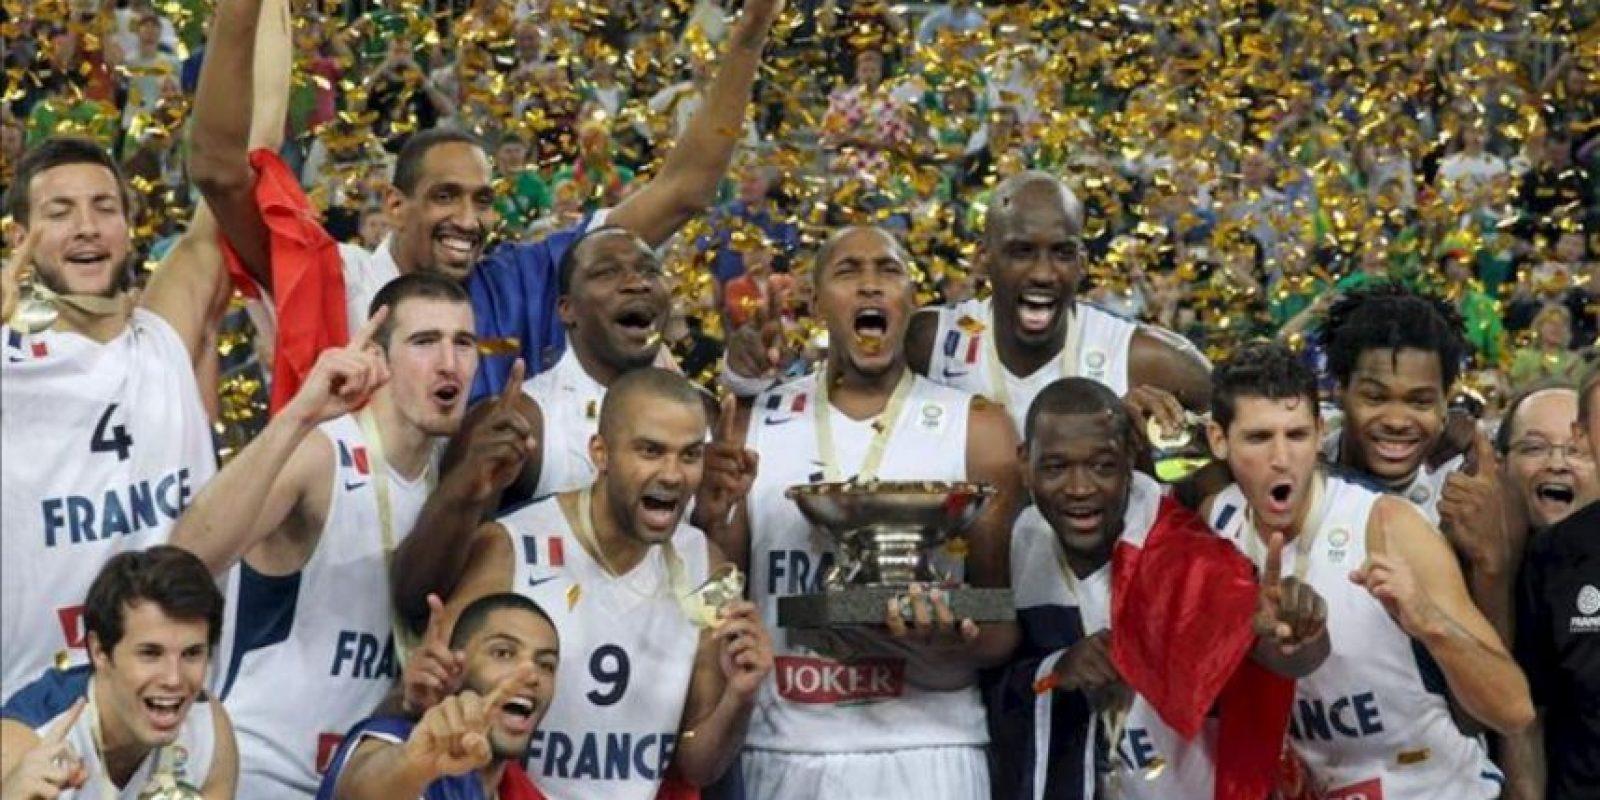 Los jugadores de la selección francesa celebran su primer título de Europeo al ganar en la final a Lituania en Eslovenia. EFE. EFE